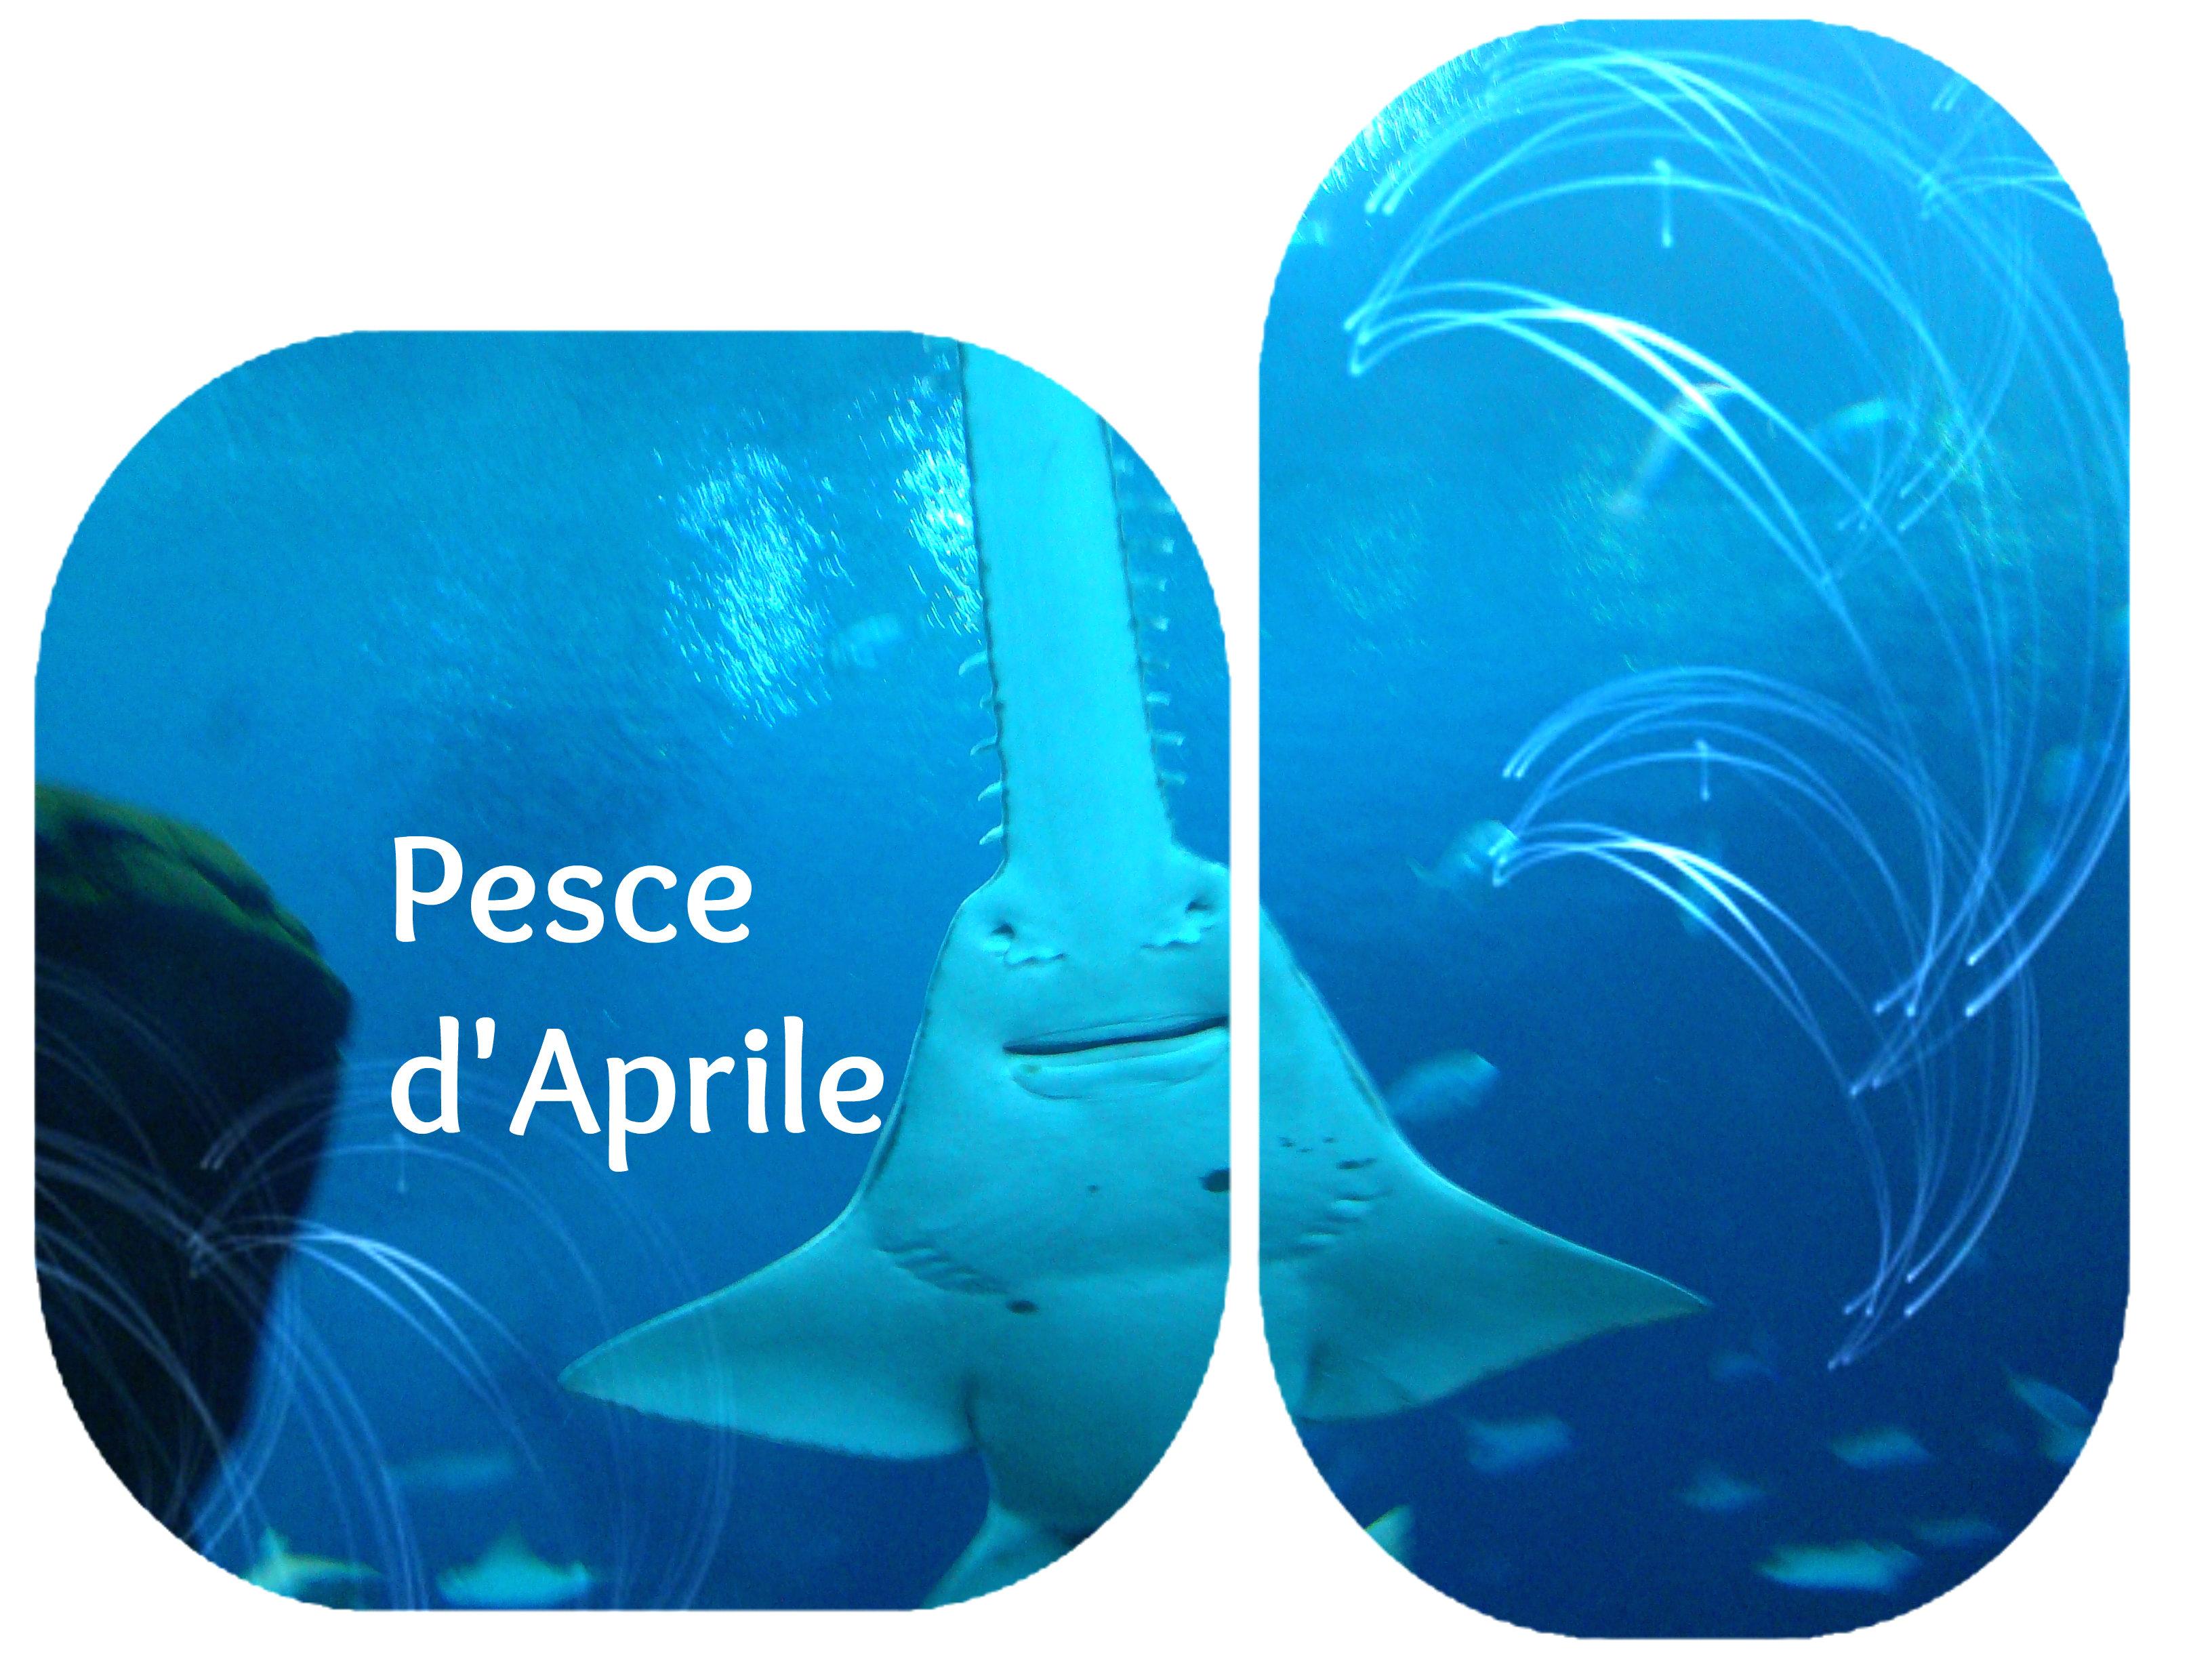 Le origini del pesce d'aprile